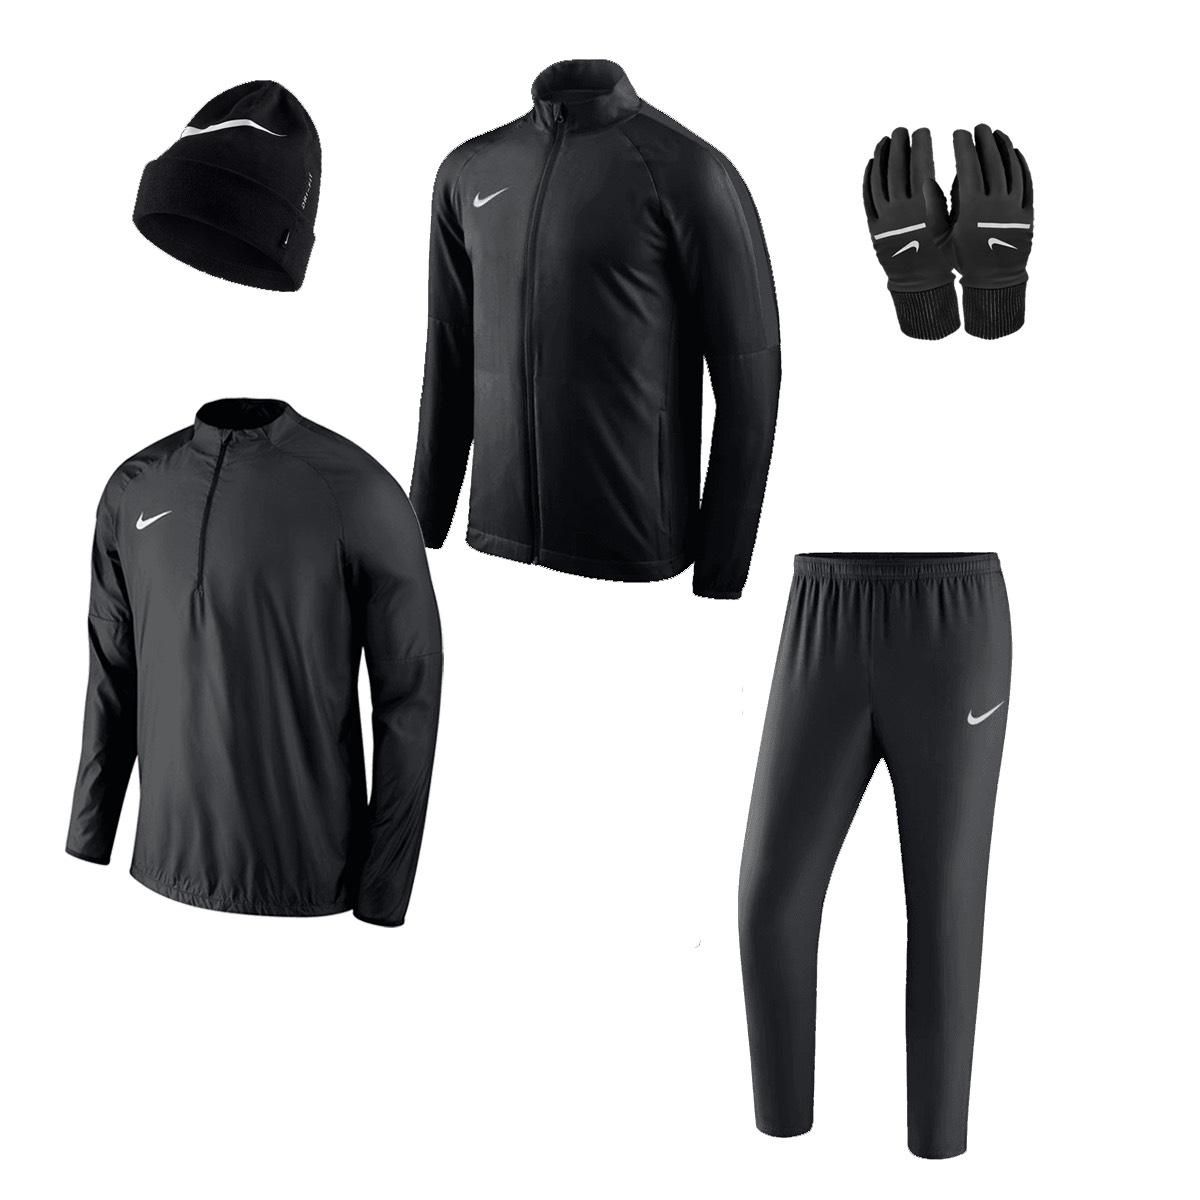 Nike Winterset (5-teilig) in vielen Farben frei konfigurierbar